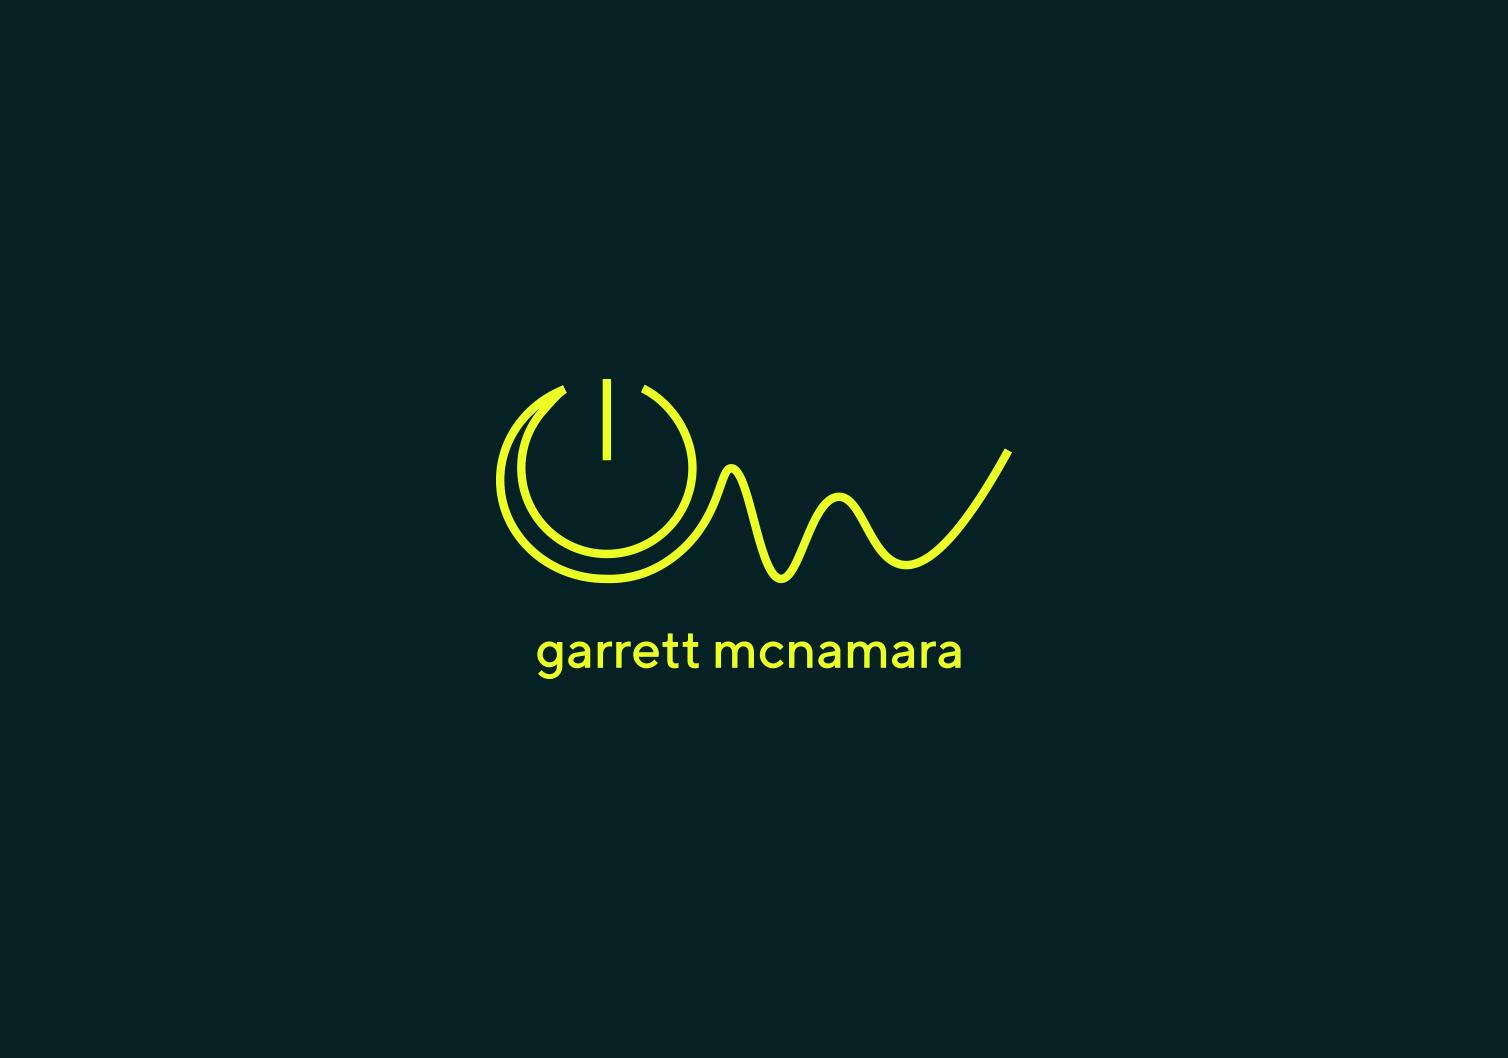 garrett-mcnamara-logo-design.jpg